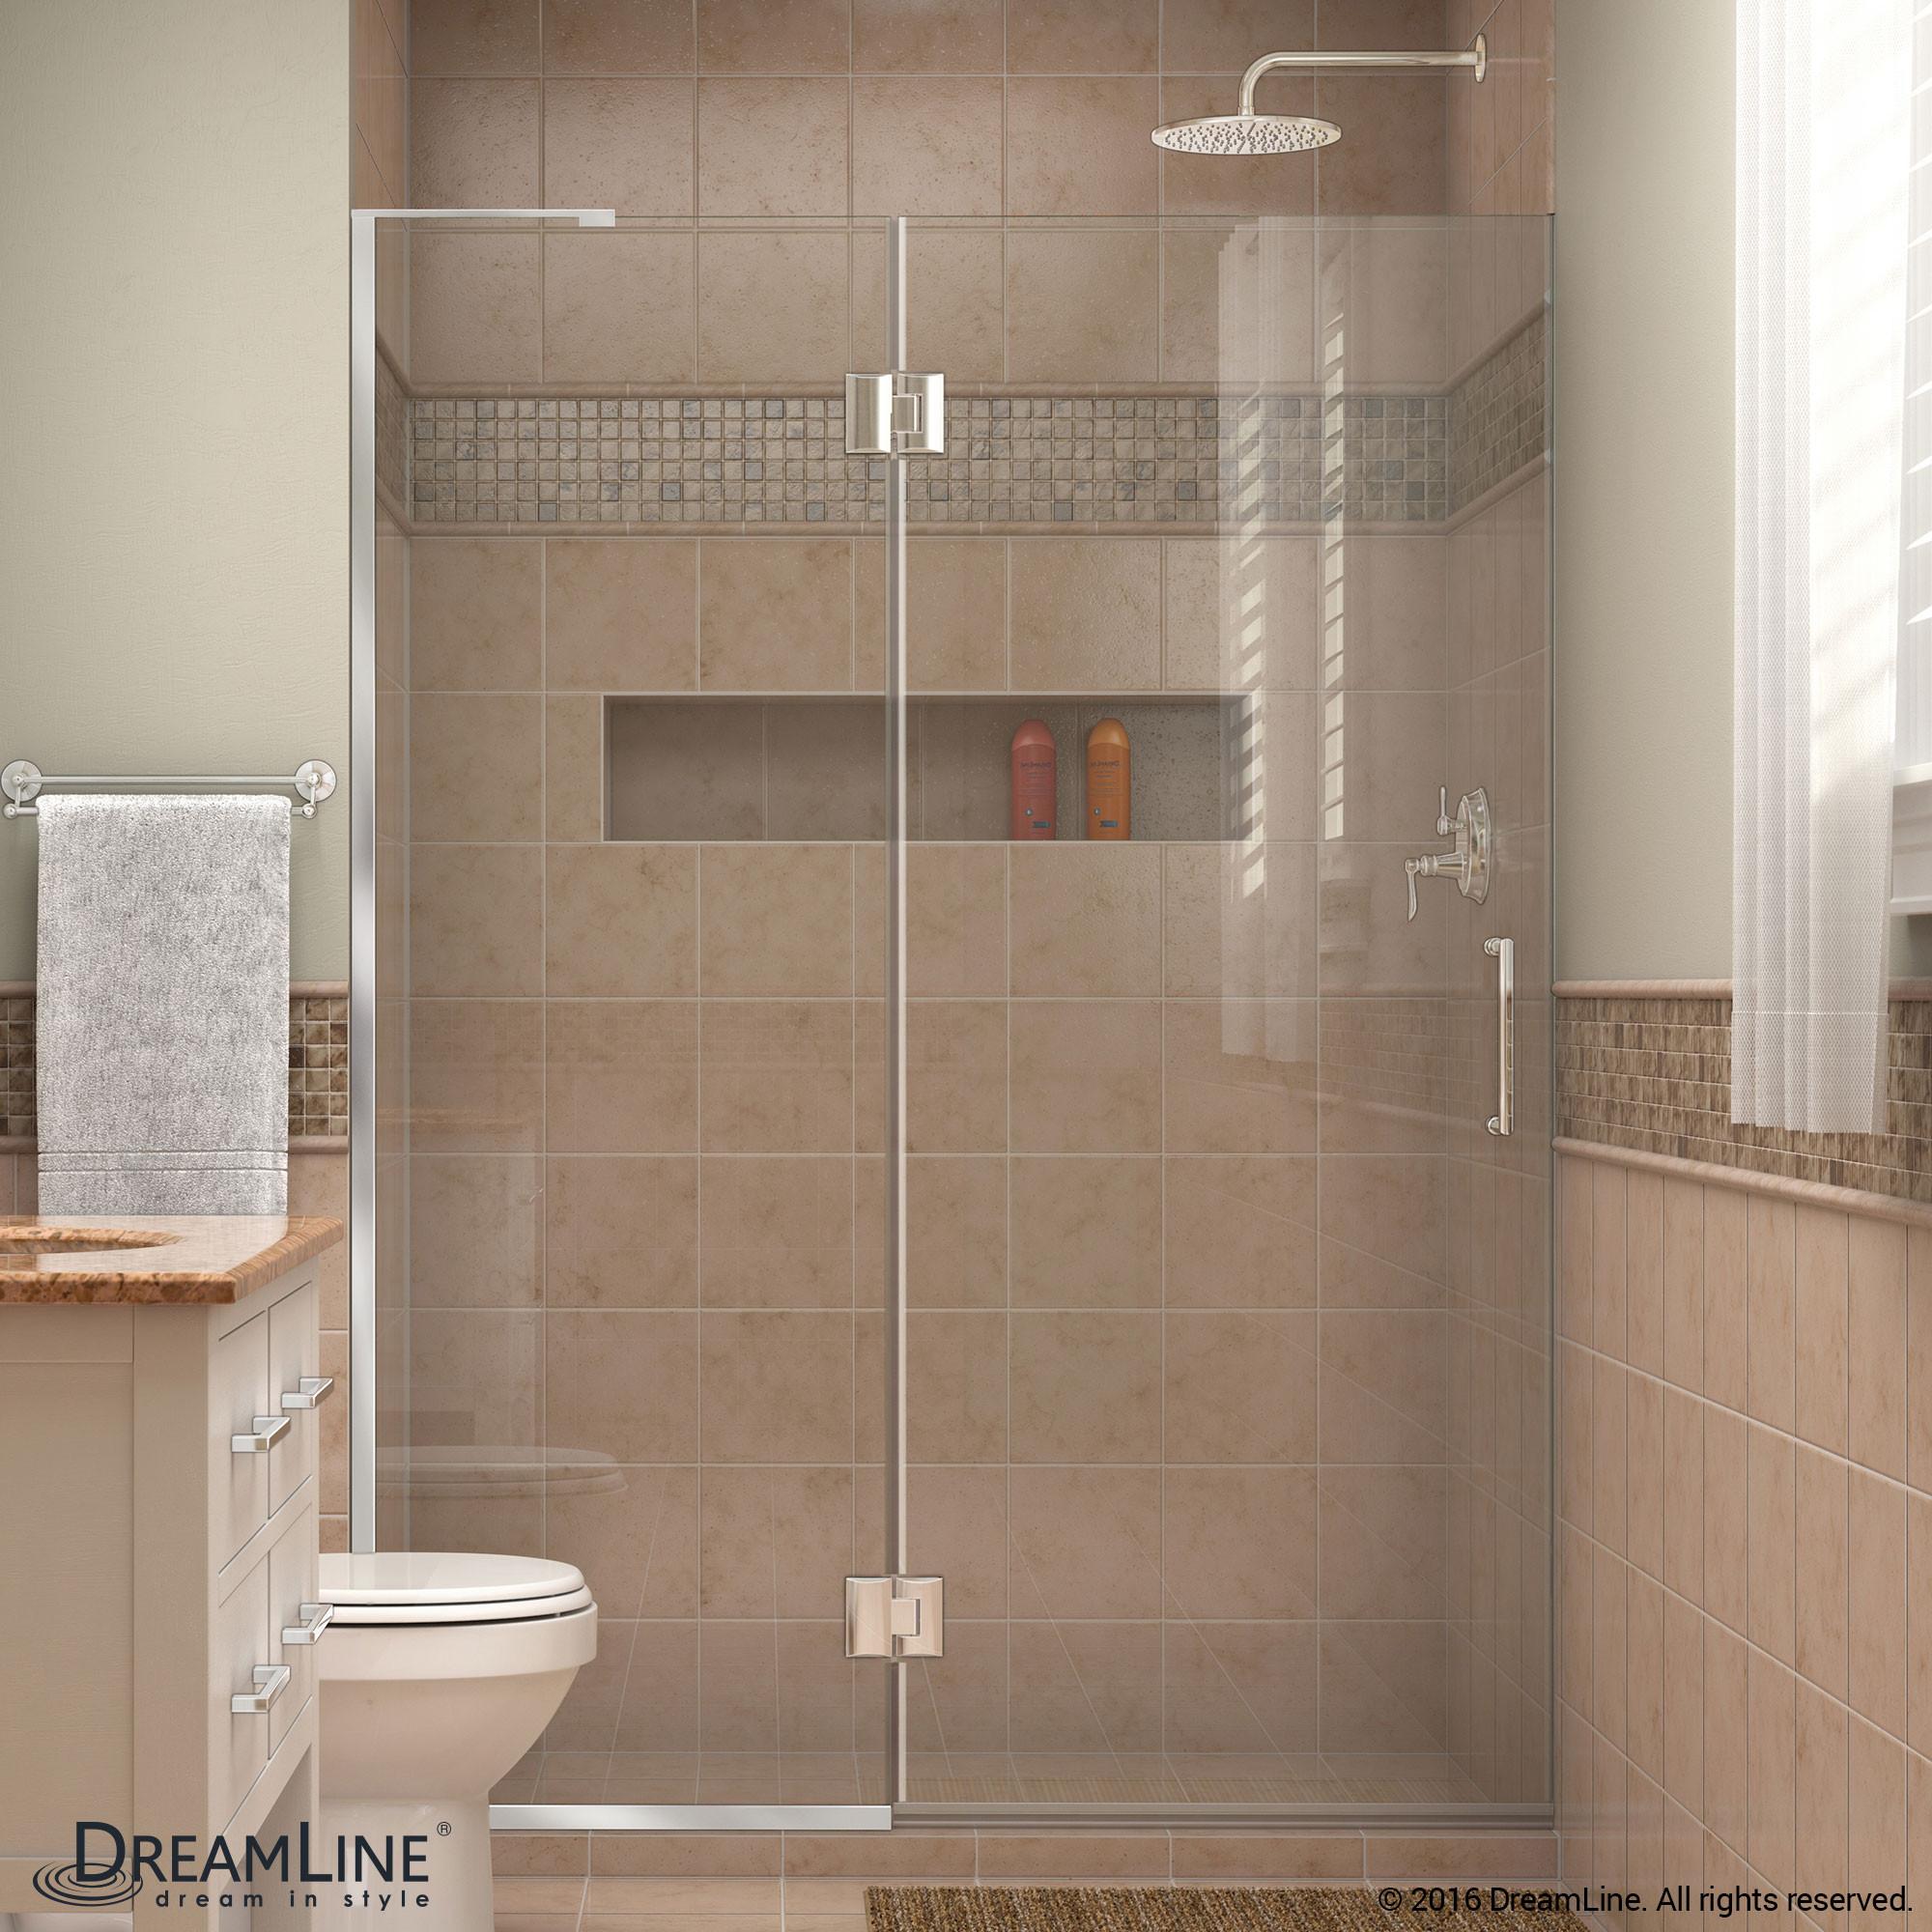 DreamLine D32672L-01 Chrome Unidoor-X Hinged Shower Door With Left-wall Bracket